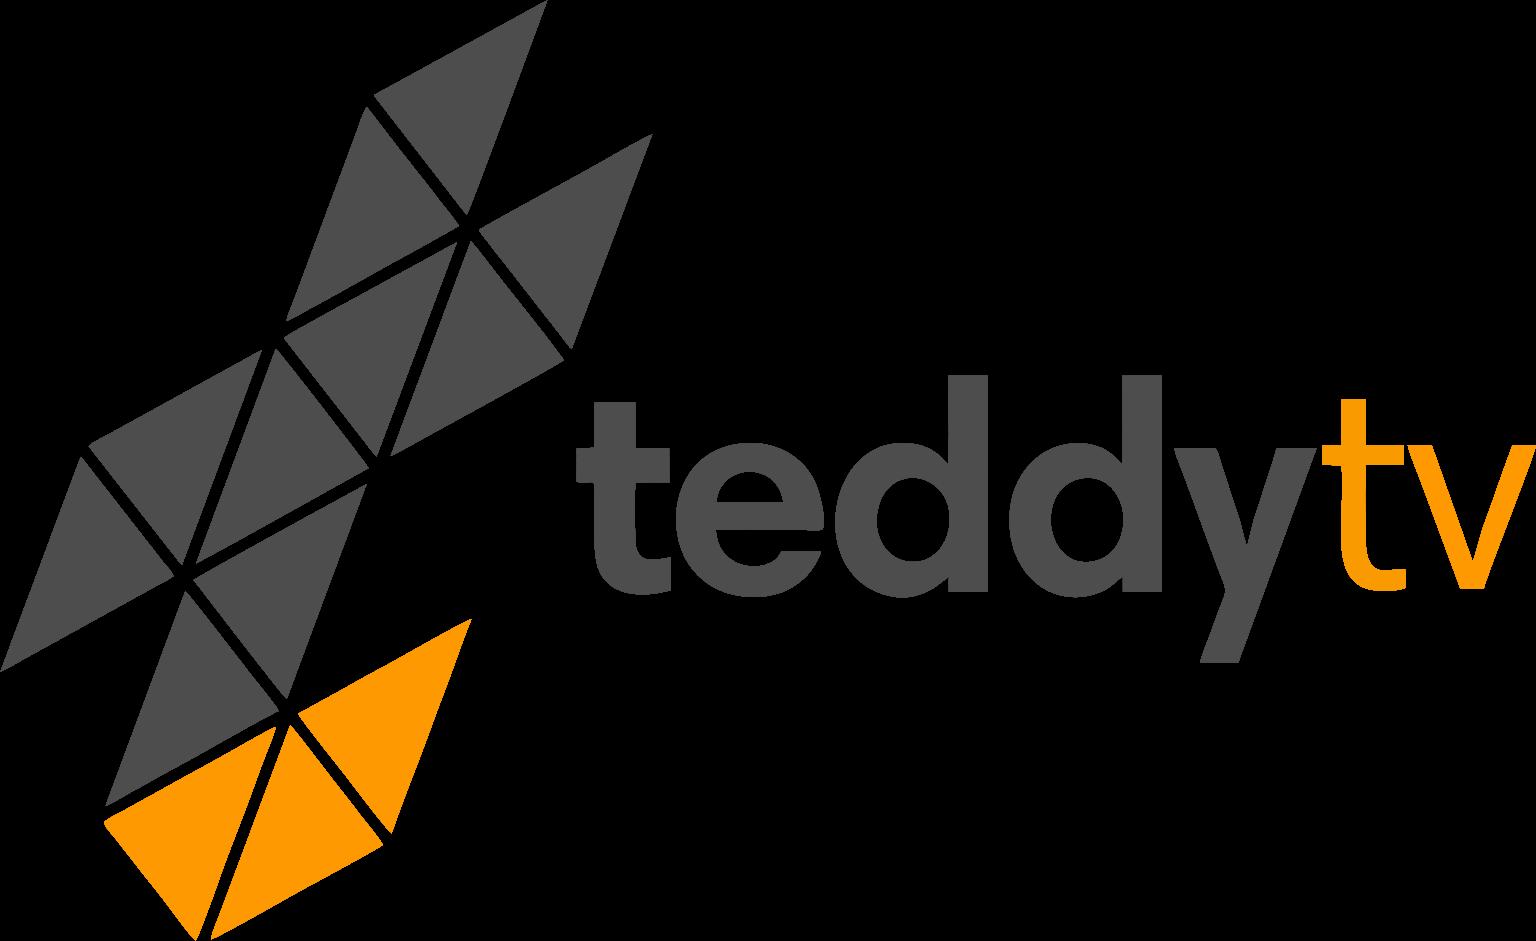 TeddyTV.xyz